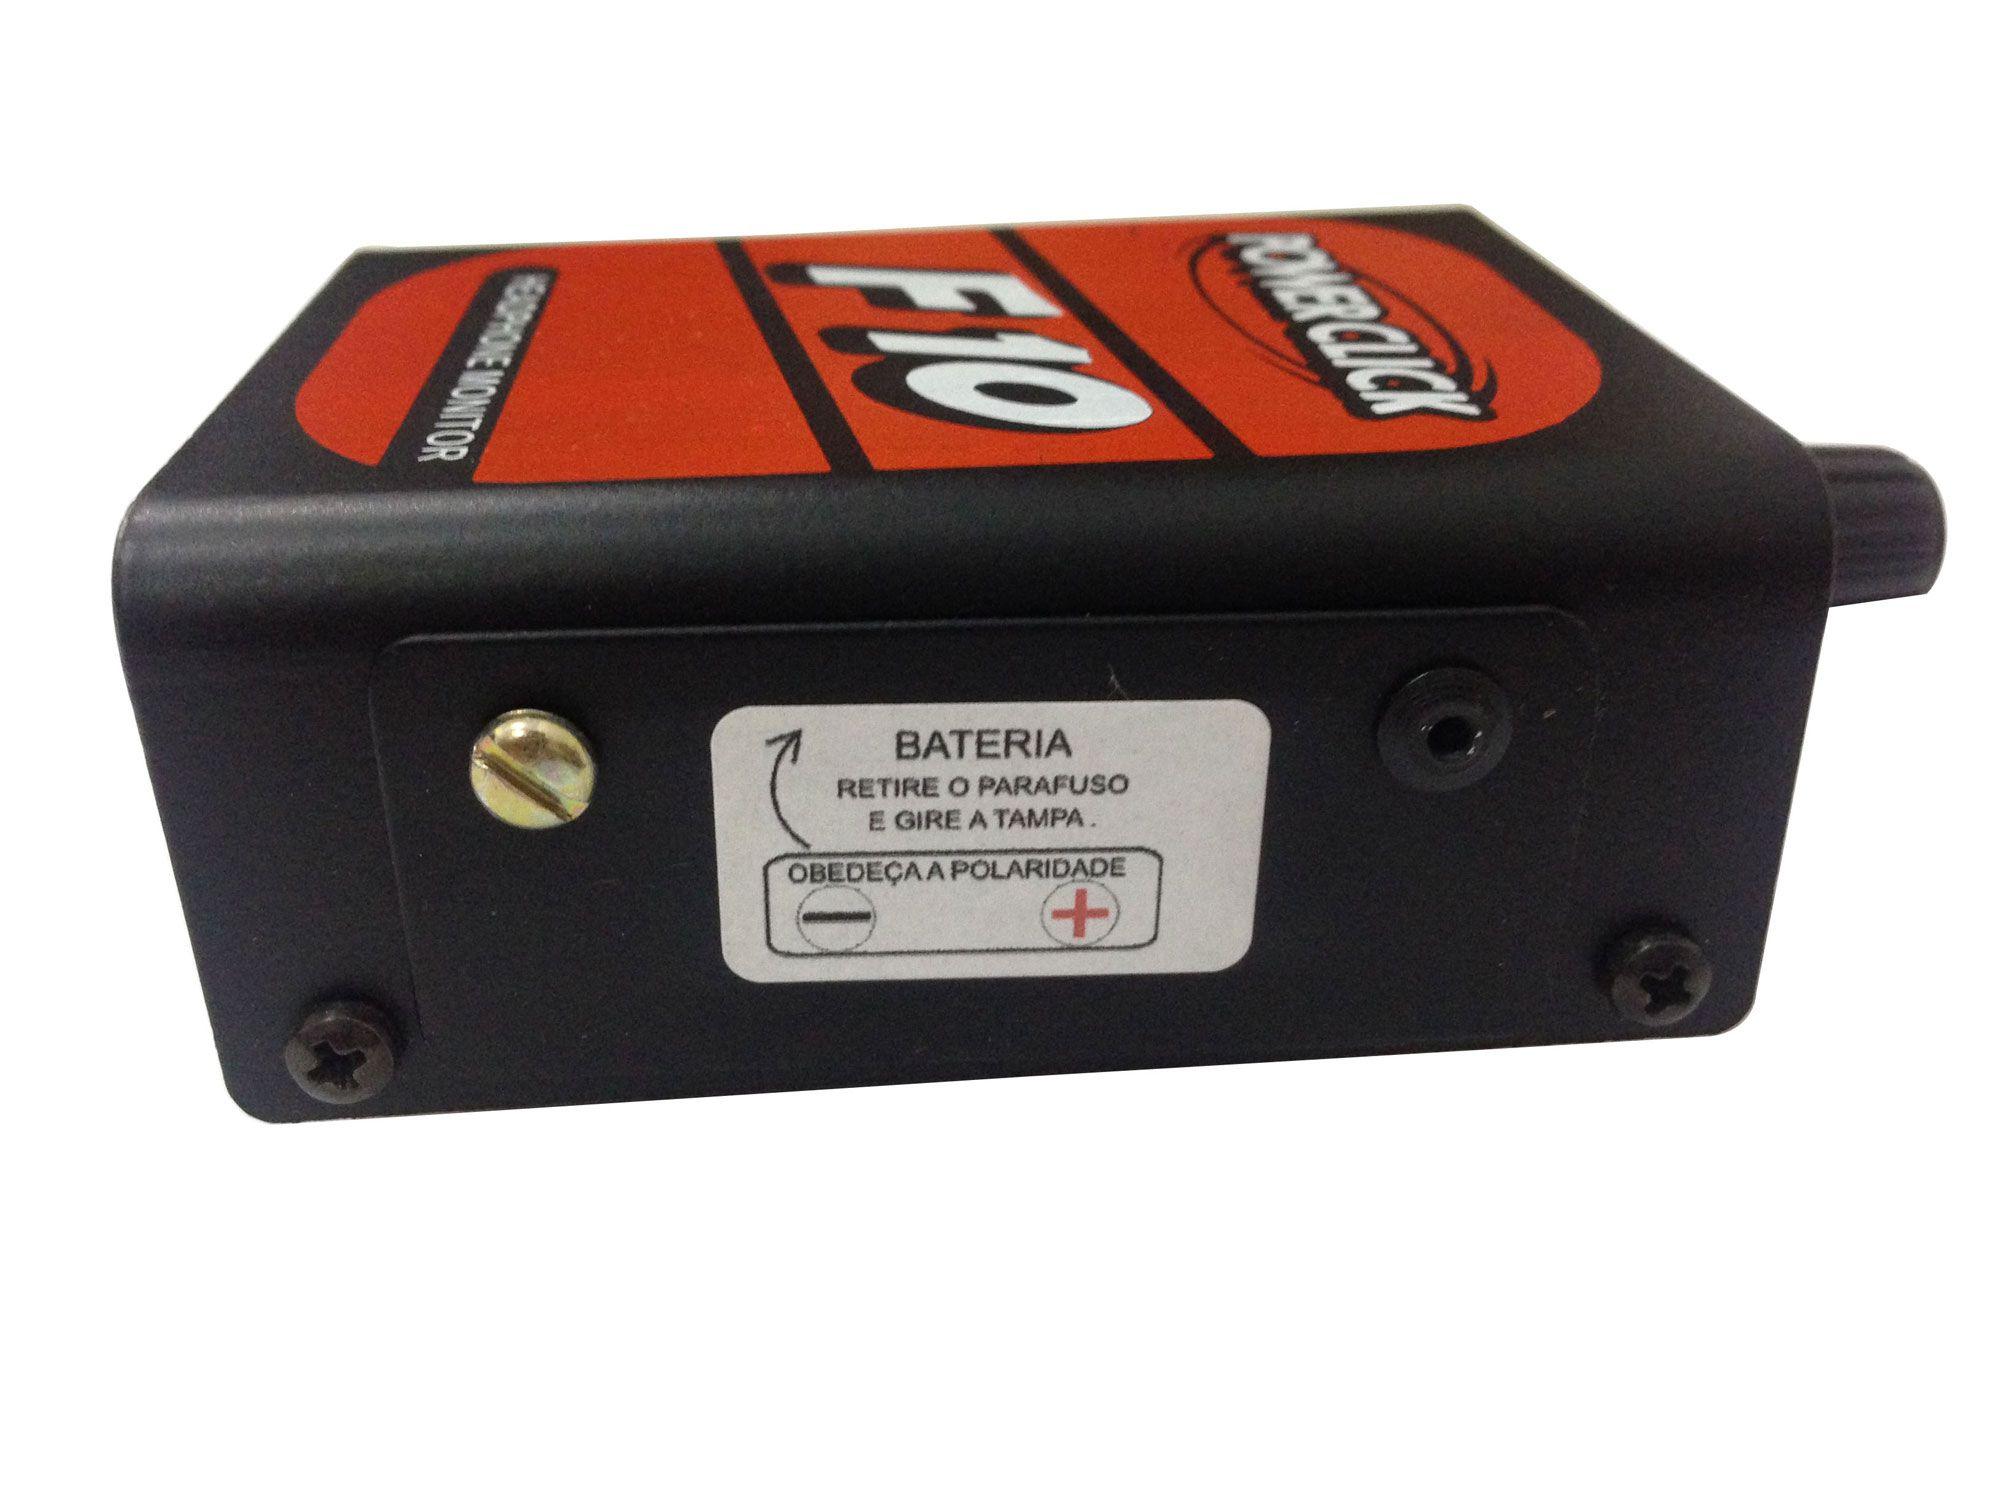 Amplificador de fone 1 canal fonte ou bateria | Power Click | F10